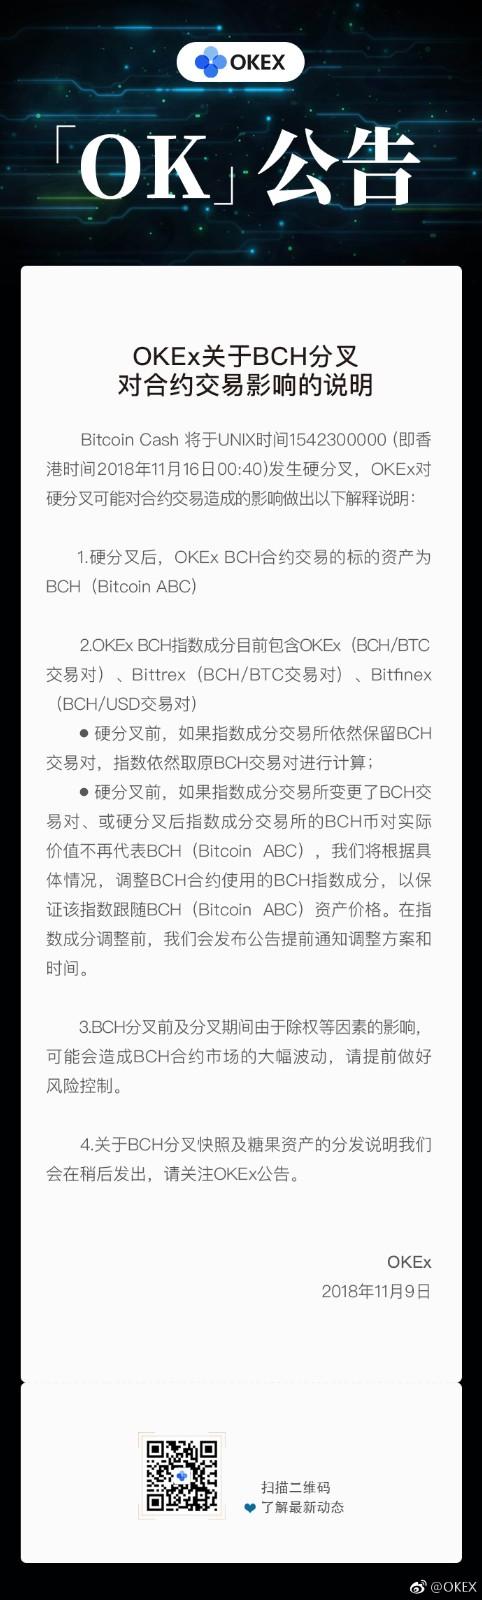 OKEx发布比特币现金分叉说明 站队Bitcoin ABC